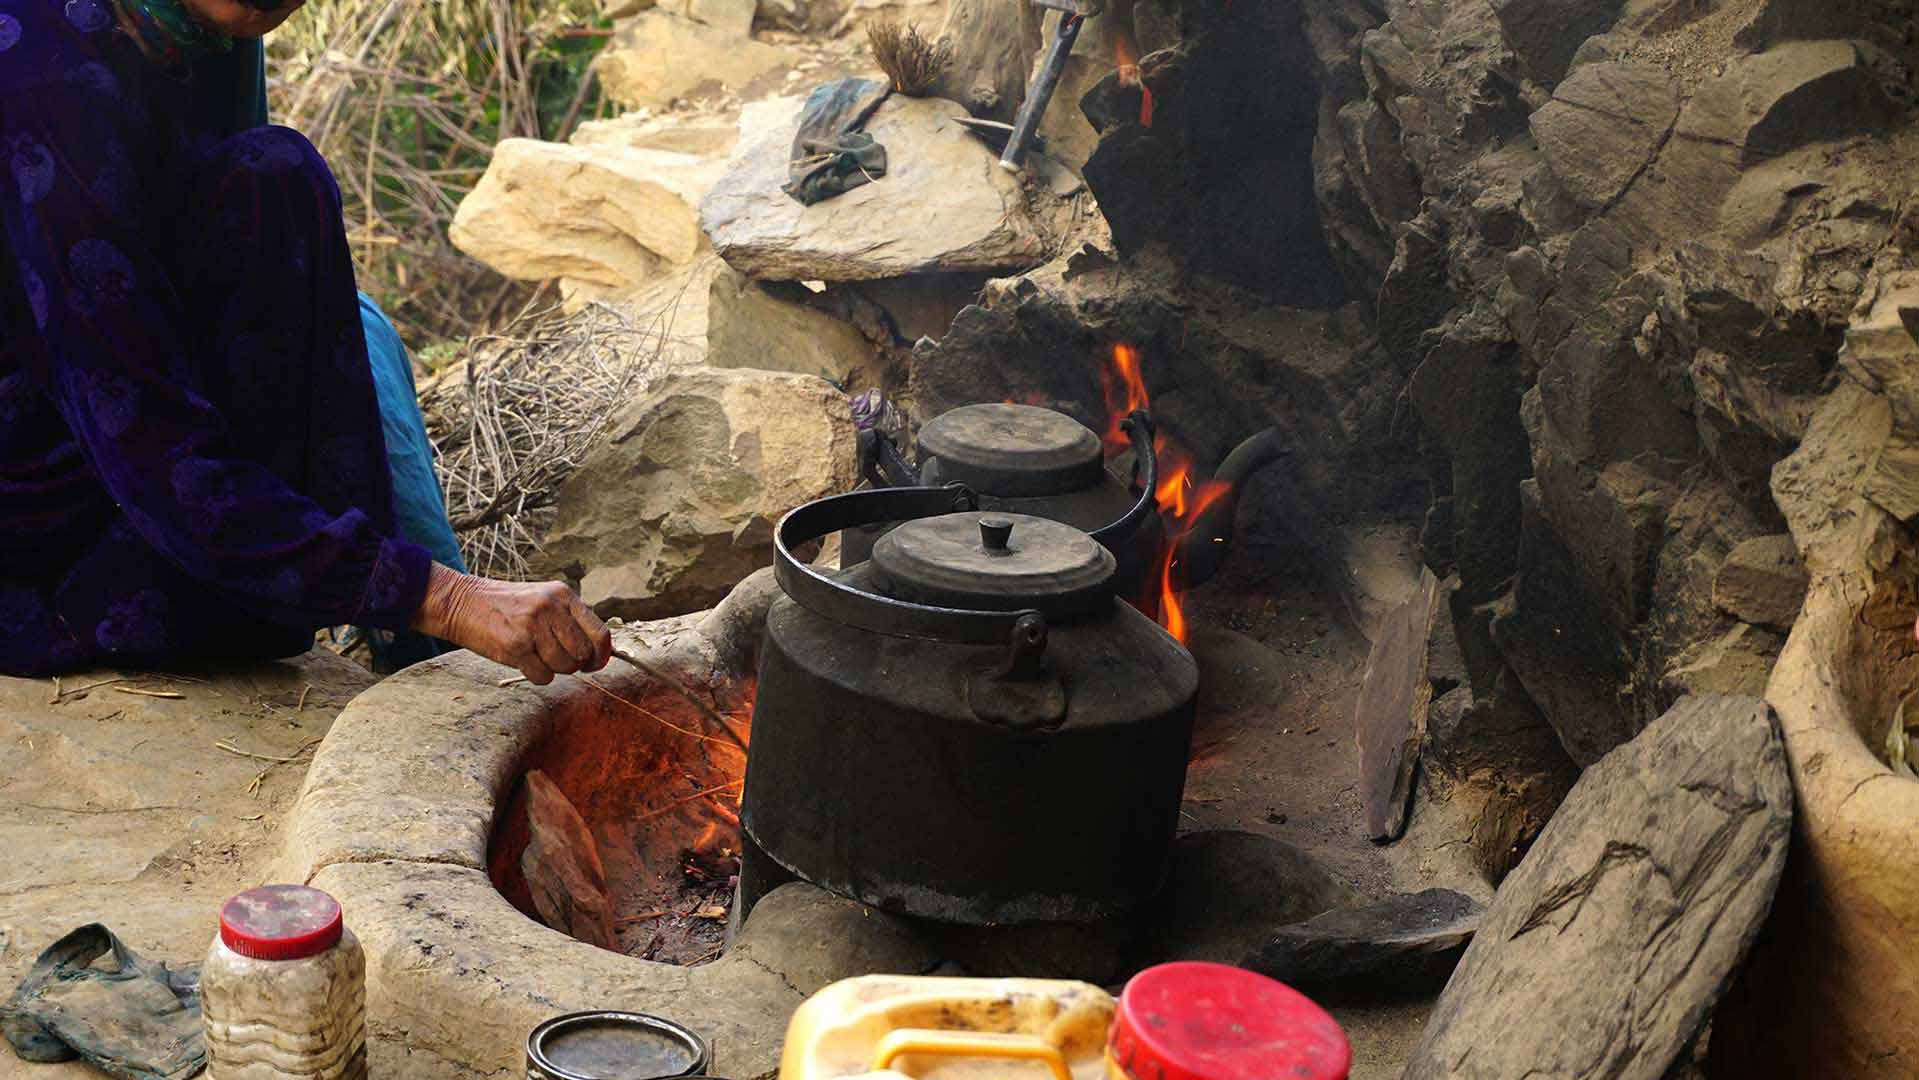 سختی پخت و پز در افغانستان و روستاهای آن